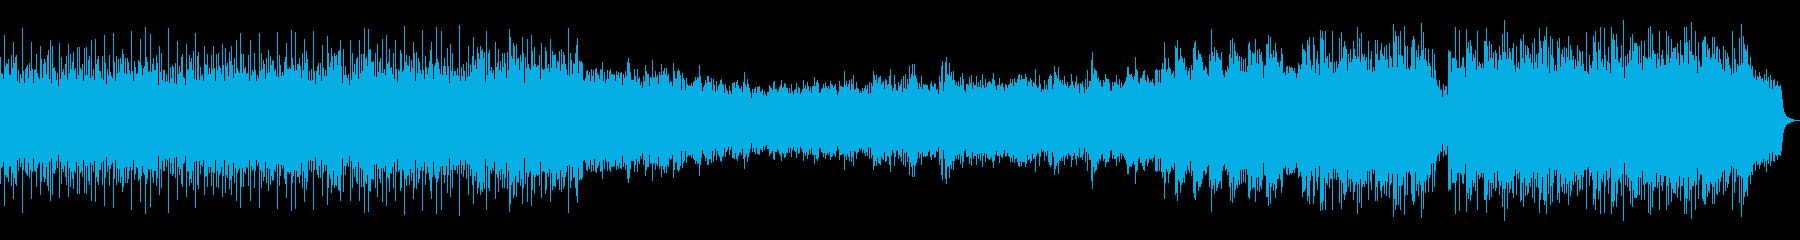 法人 説明的 静か 繰り返しの 楽...の再生済みの波形